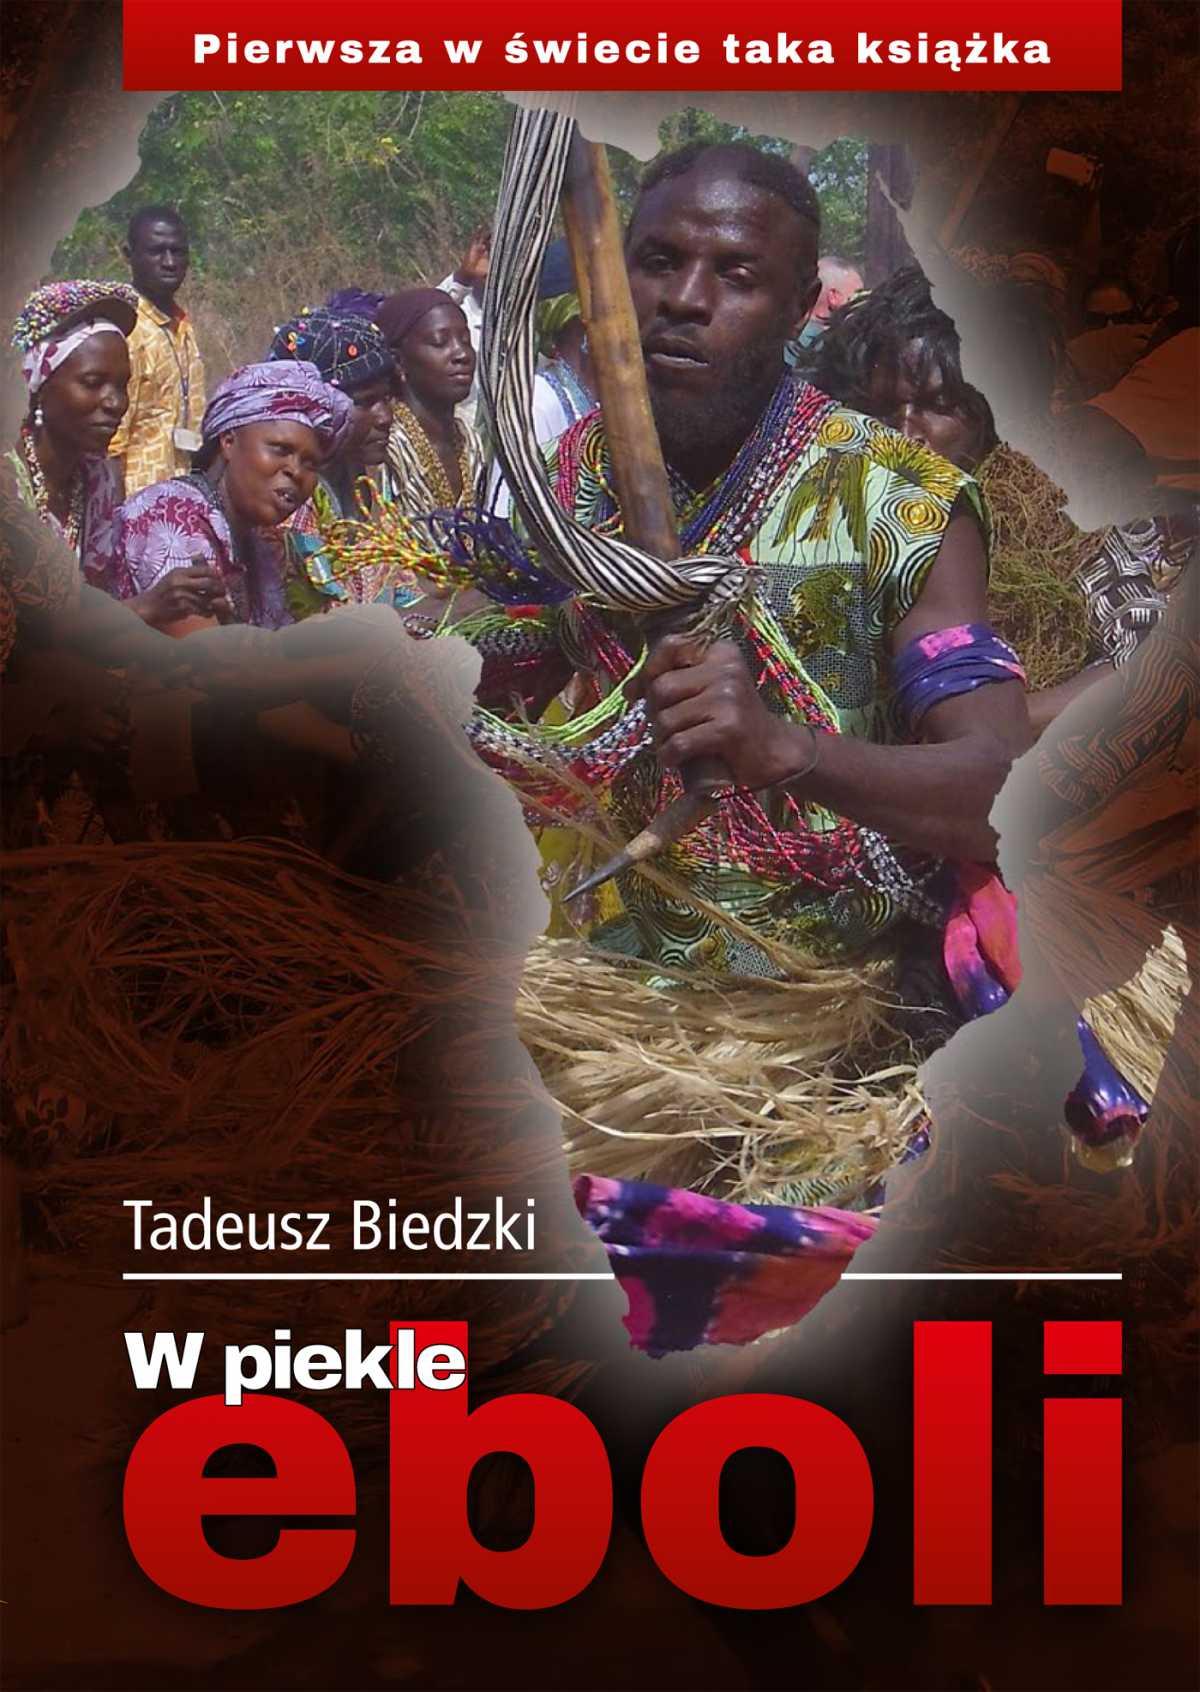 W piekle eboli - Ebook (Książka na Kindle) do pobrania w formacie MOBI